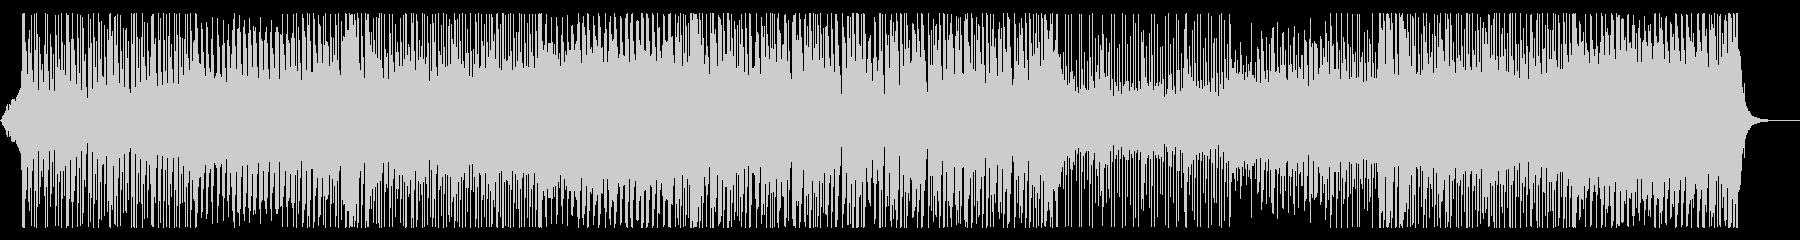 三味線がリードする4つ打ちダンス曲の未再生の波形